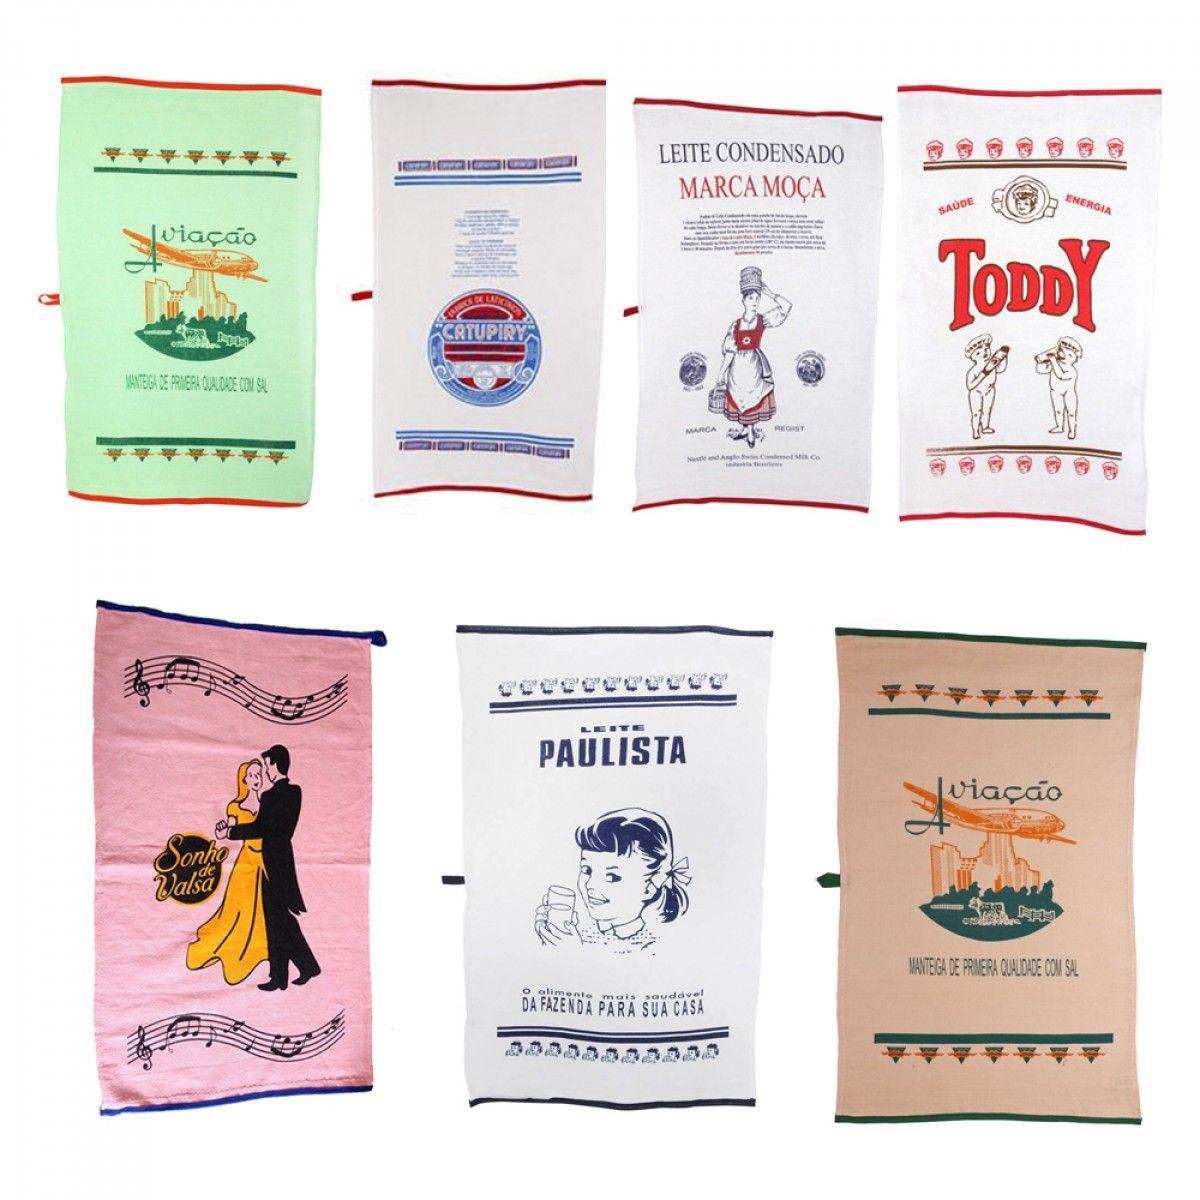 Para você que adora retrô! Estes Panos de prato de algodão, com estampas das marcas famosas Toddy, Manteiga Aviação, Catupiry, Sonho de Valsa, Paulista e Moça, sua cozinha vai brilhar ainda mais